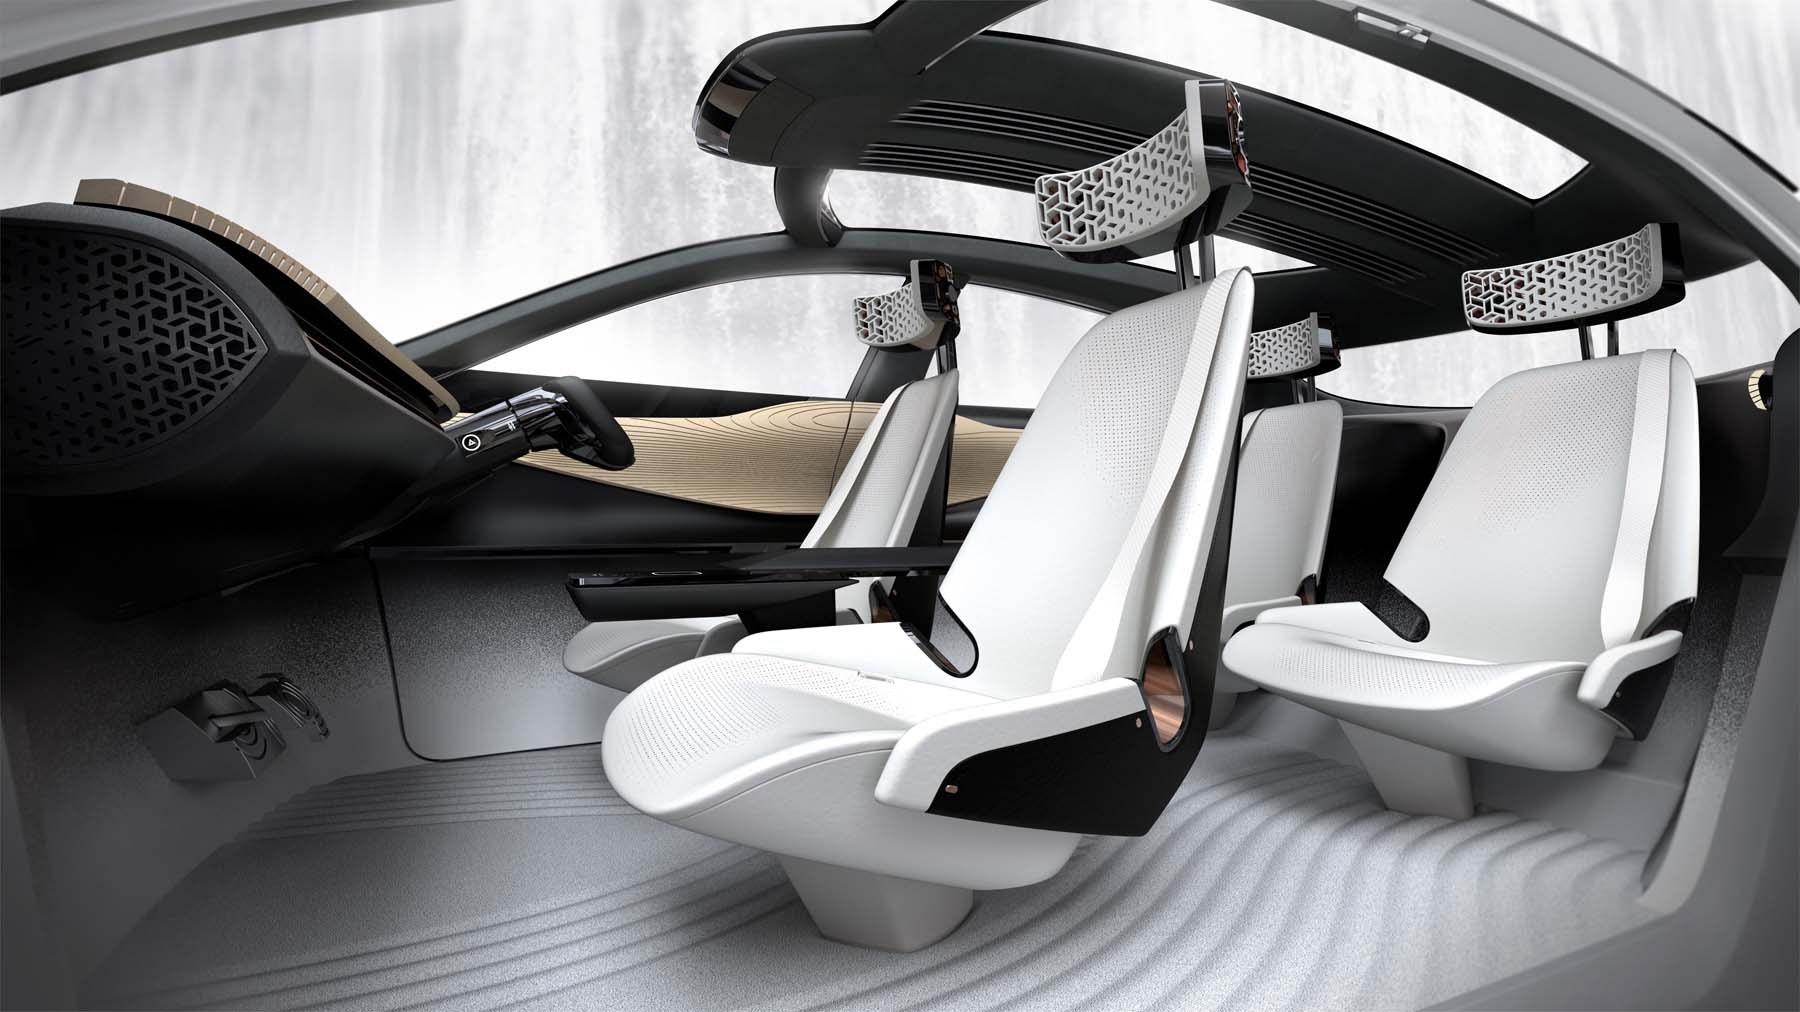 Η Nissan διαμορφώνει το μέλλον της αυτοκίνησης